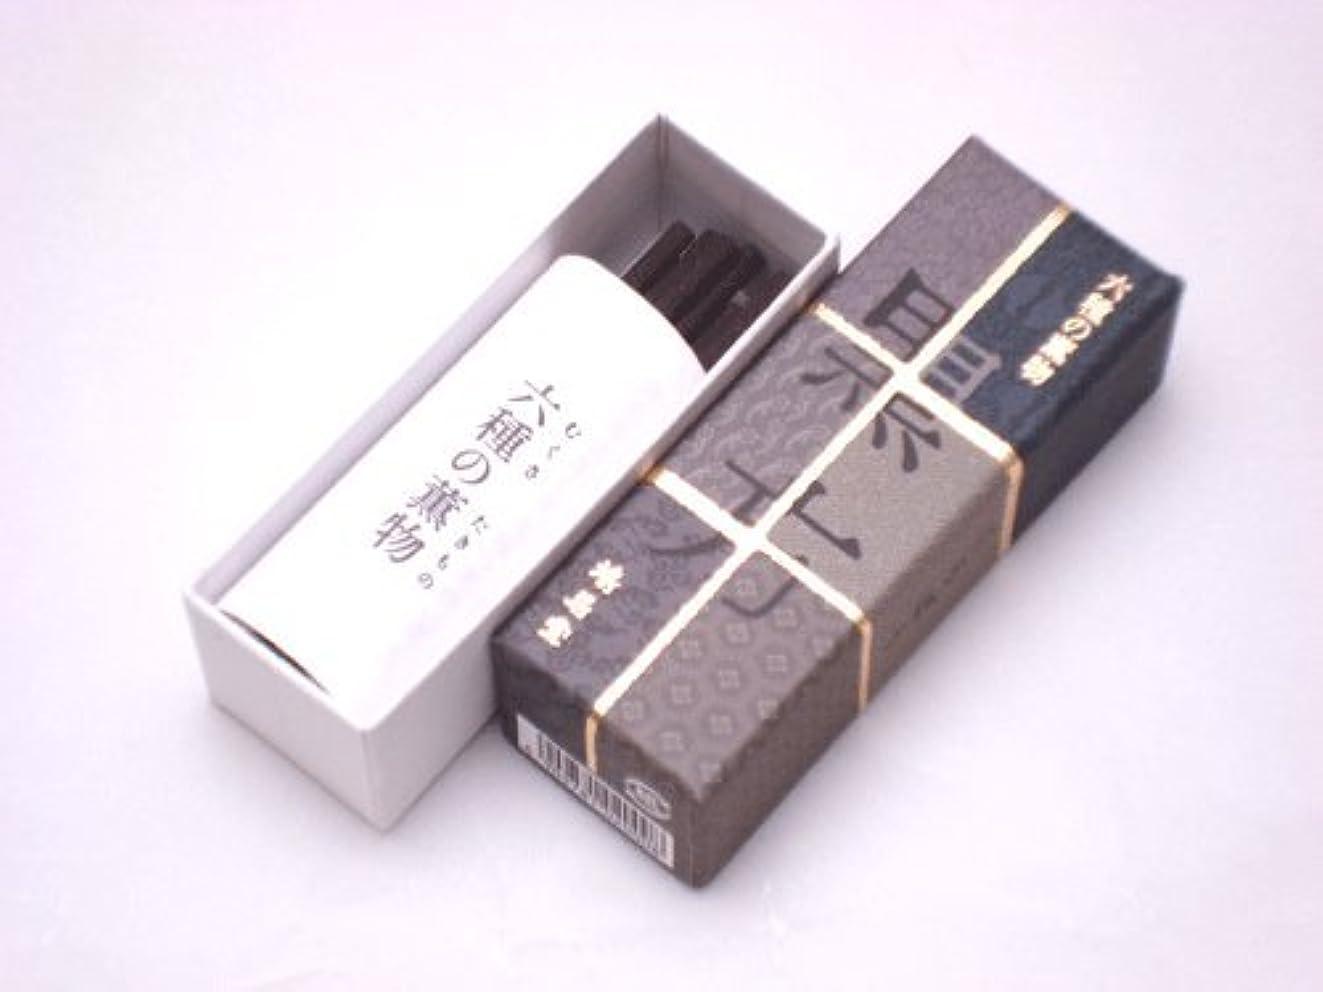 広告するシンプルさ残酷な鳩居堂 六種の薫物 黒方(くろぼう) スティック【お香】